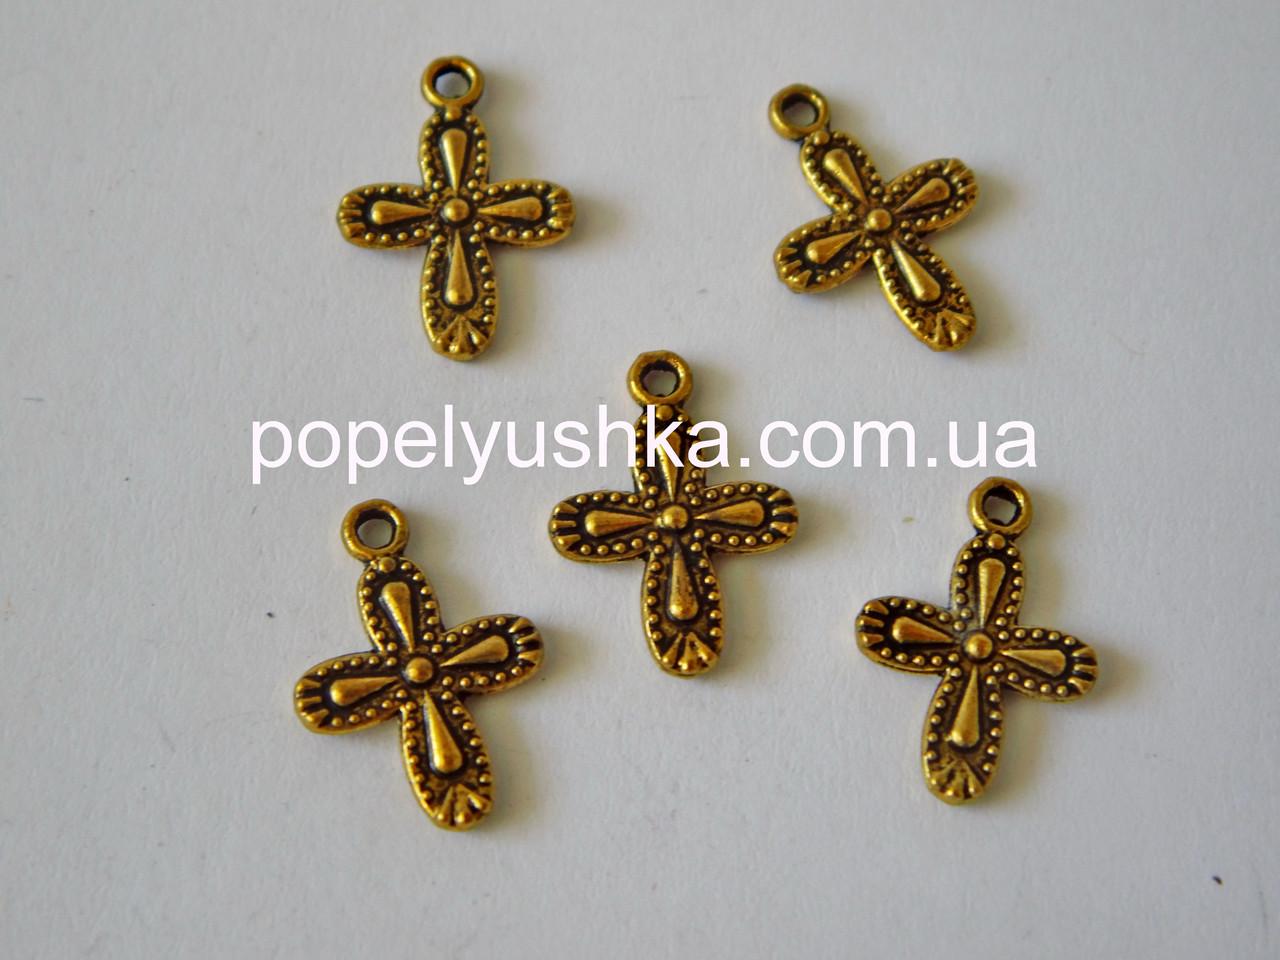 Міні декор Кулон-Хрест 18*13 мм Античне Золото